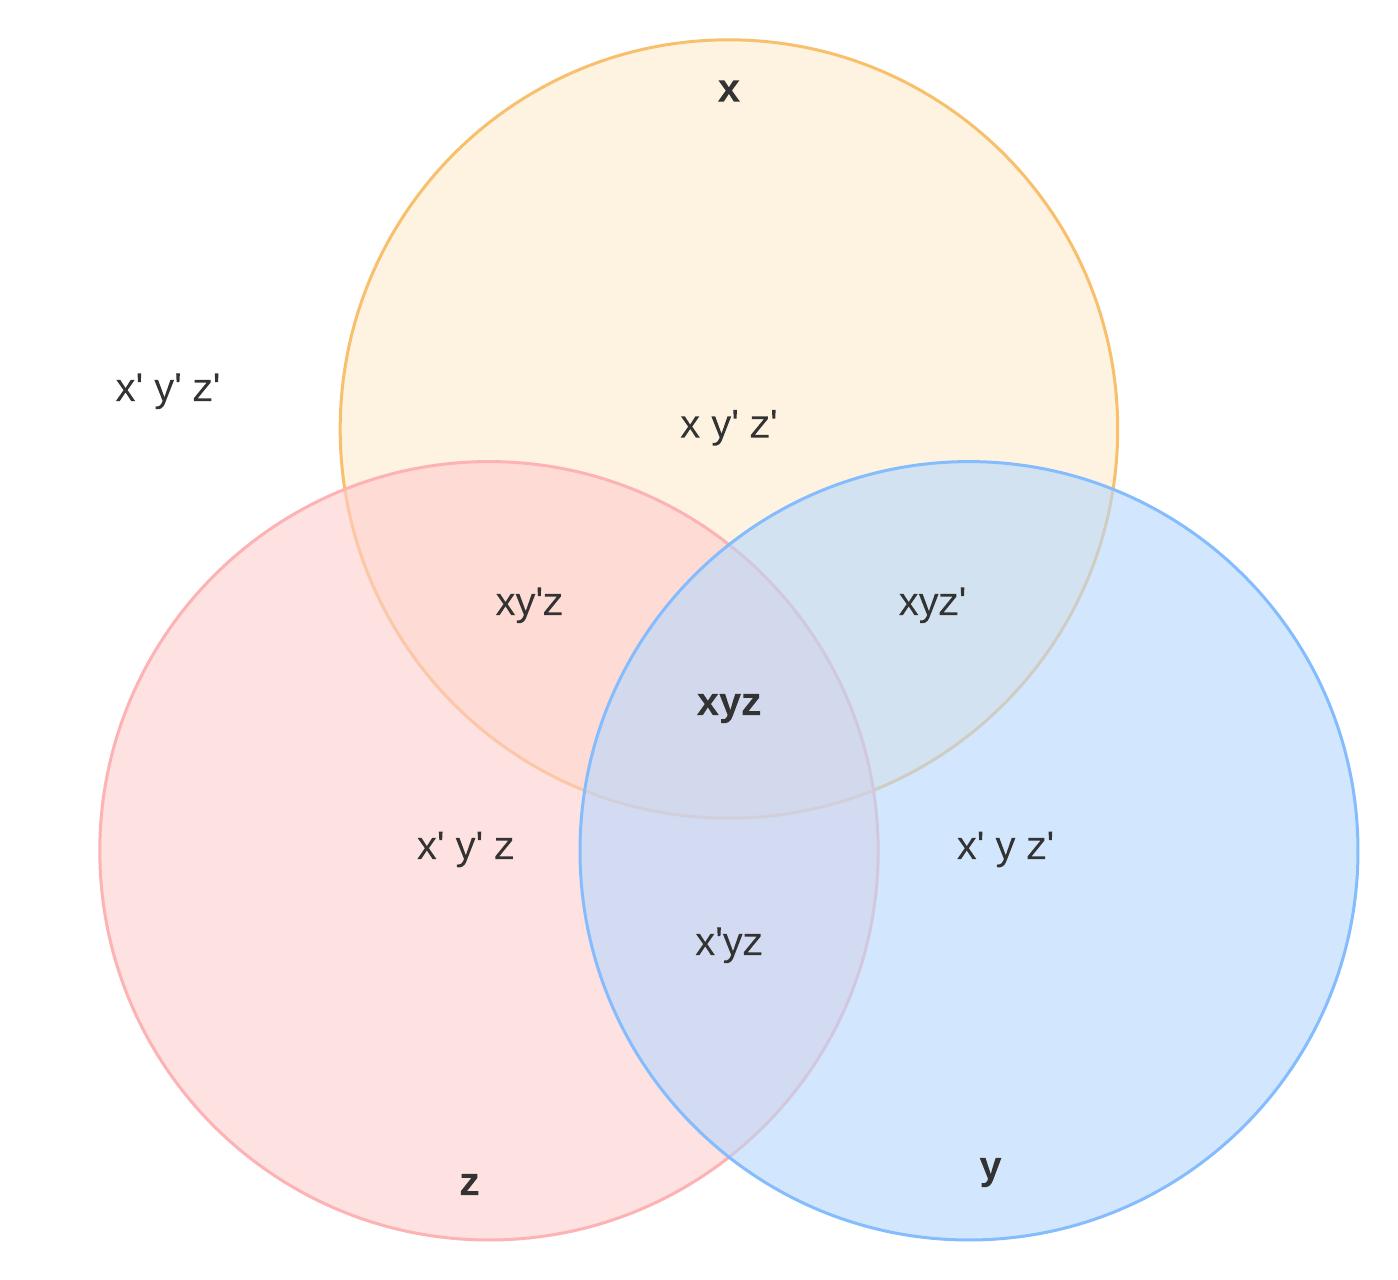 exemple de diagramme de Venn intersection